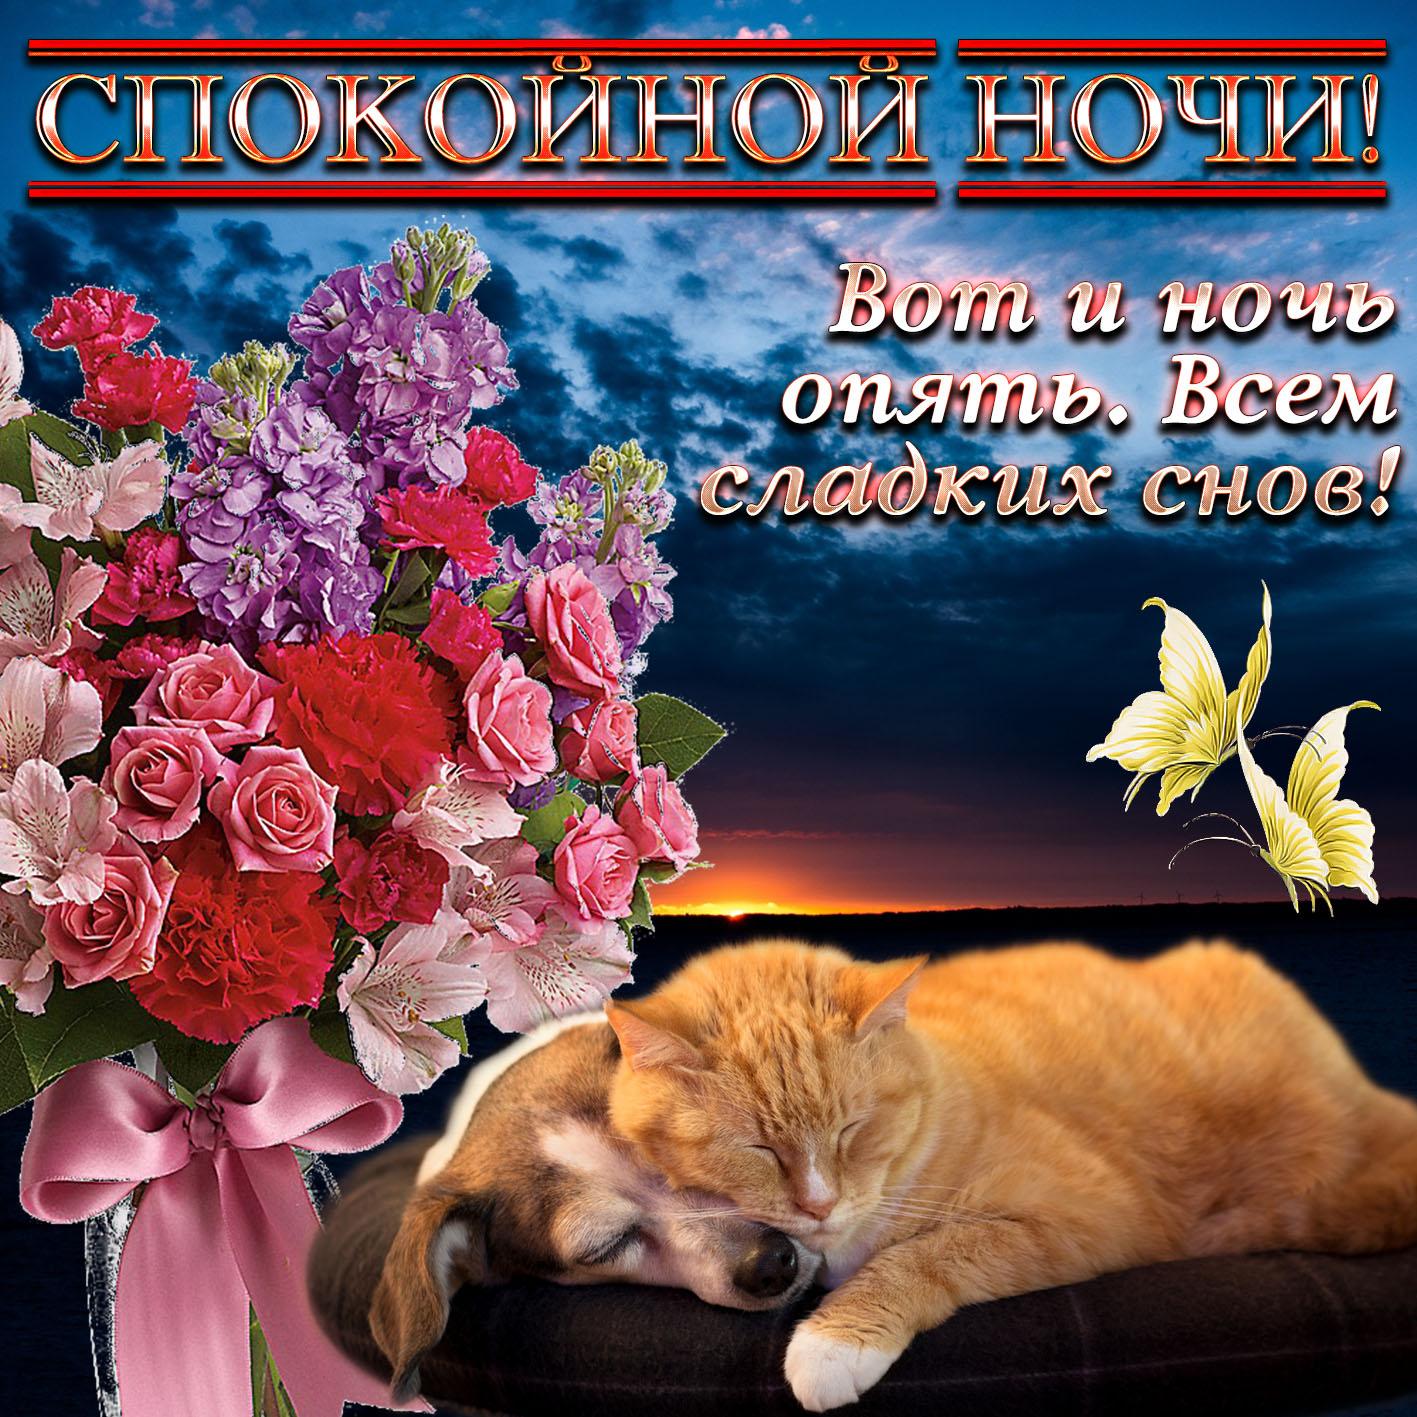 Открытка - котик и собачка желают спокойной ночи